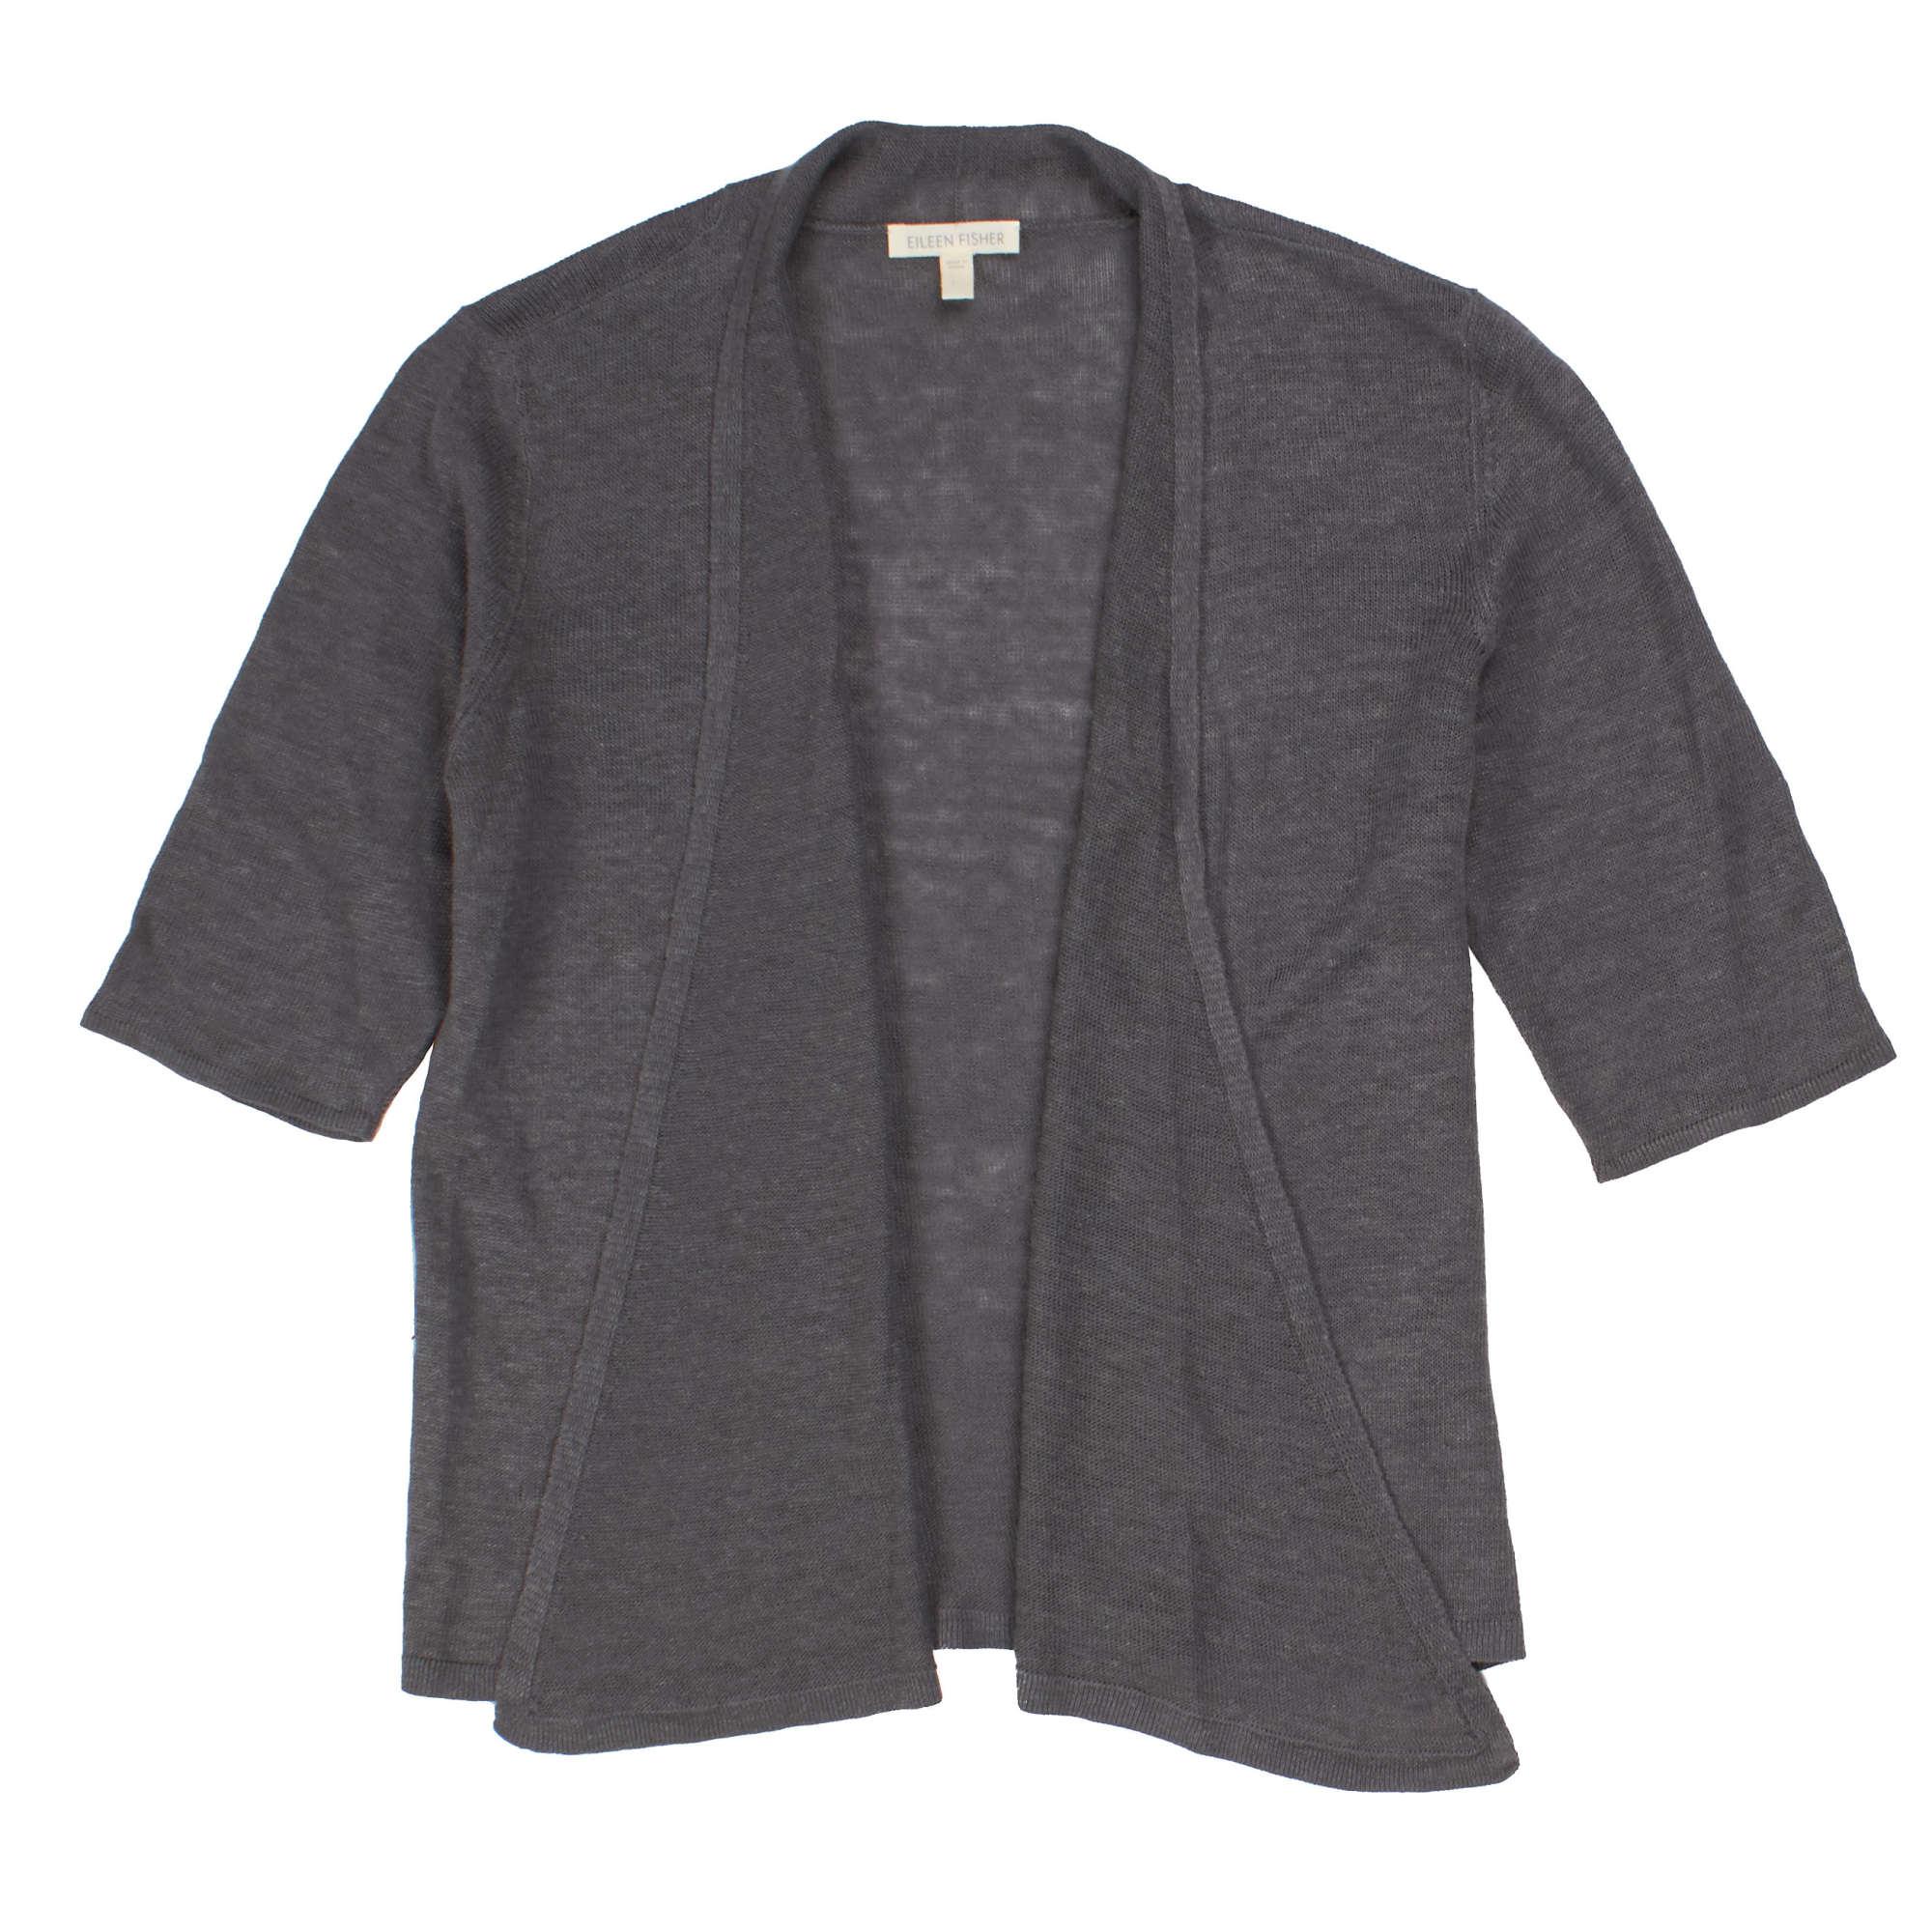 Lightweight Fine Gauge Linen Cardigan